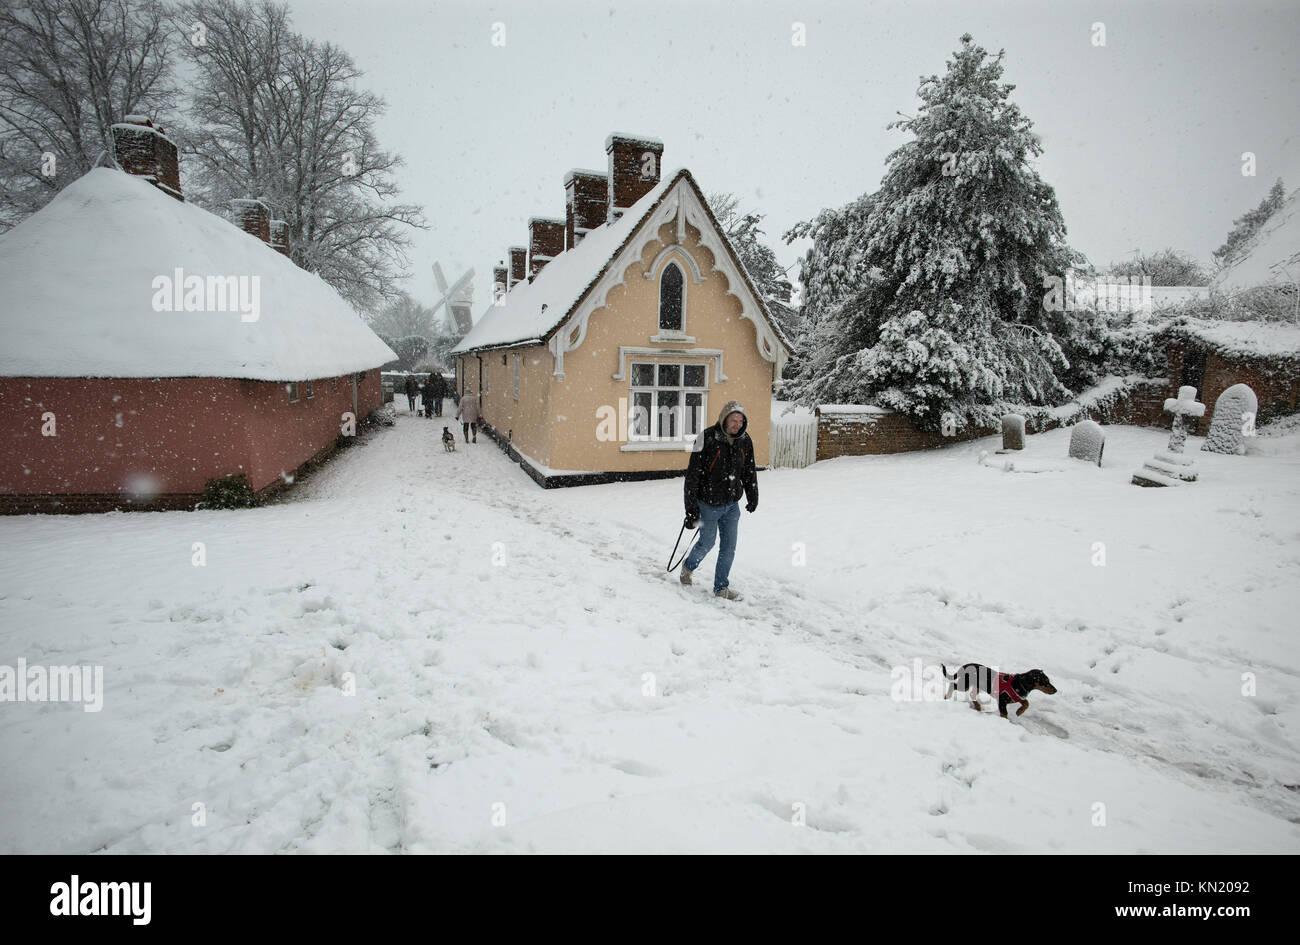 essex snow anglia stock photos essex snow anglia stock. Black Bedroom Furniture Sets. Home Design Ideas